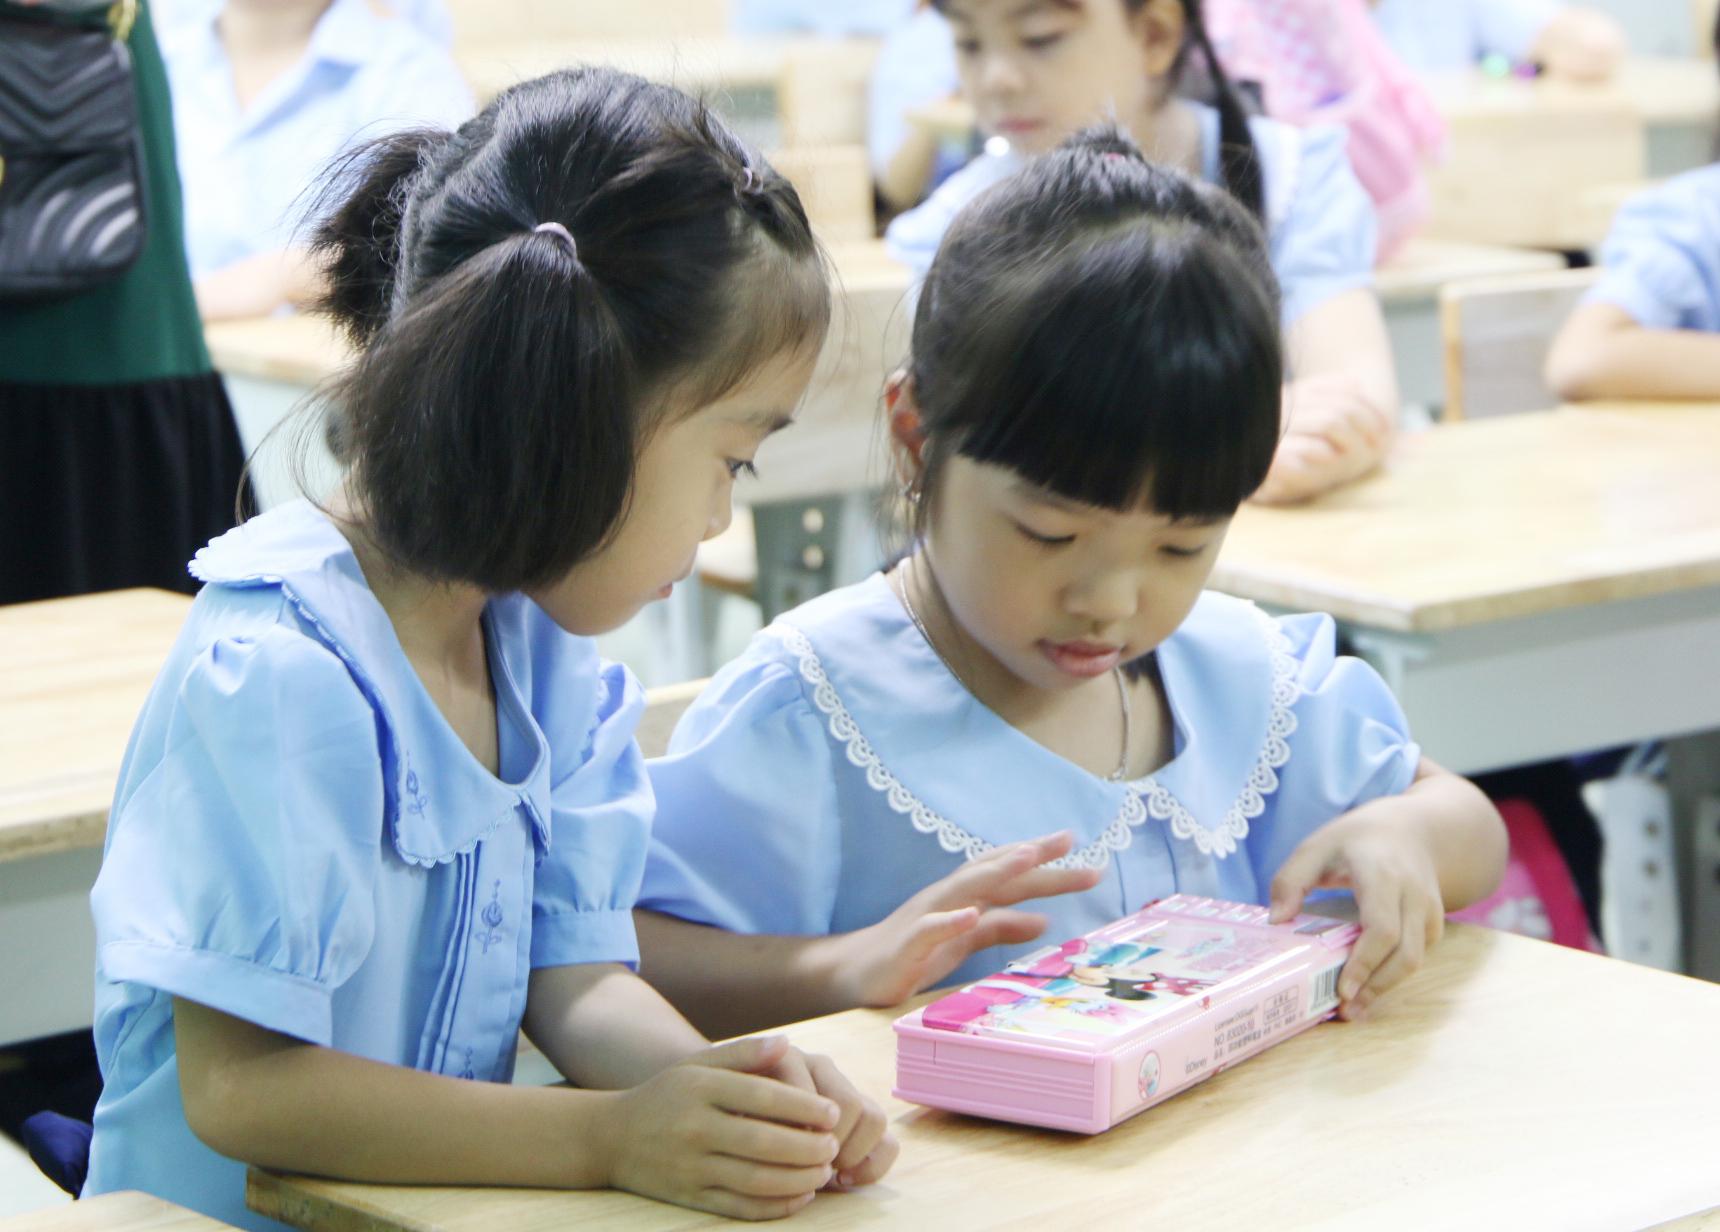 Chỉ đạo mới của Thủ tướng: Học sinh sẽ không bắt buộc đeo khẩu trang và không giãn cách trong lớp học - Ảnh 3.